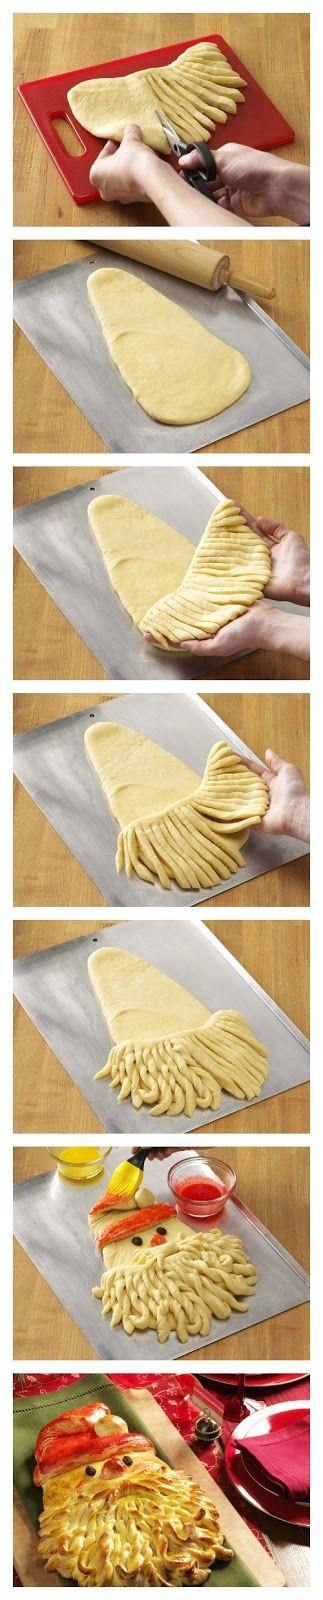 Ricette originali in una foto: babbo natale di pasta di pane o sfoglia